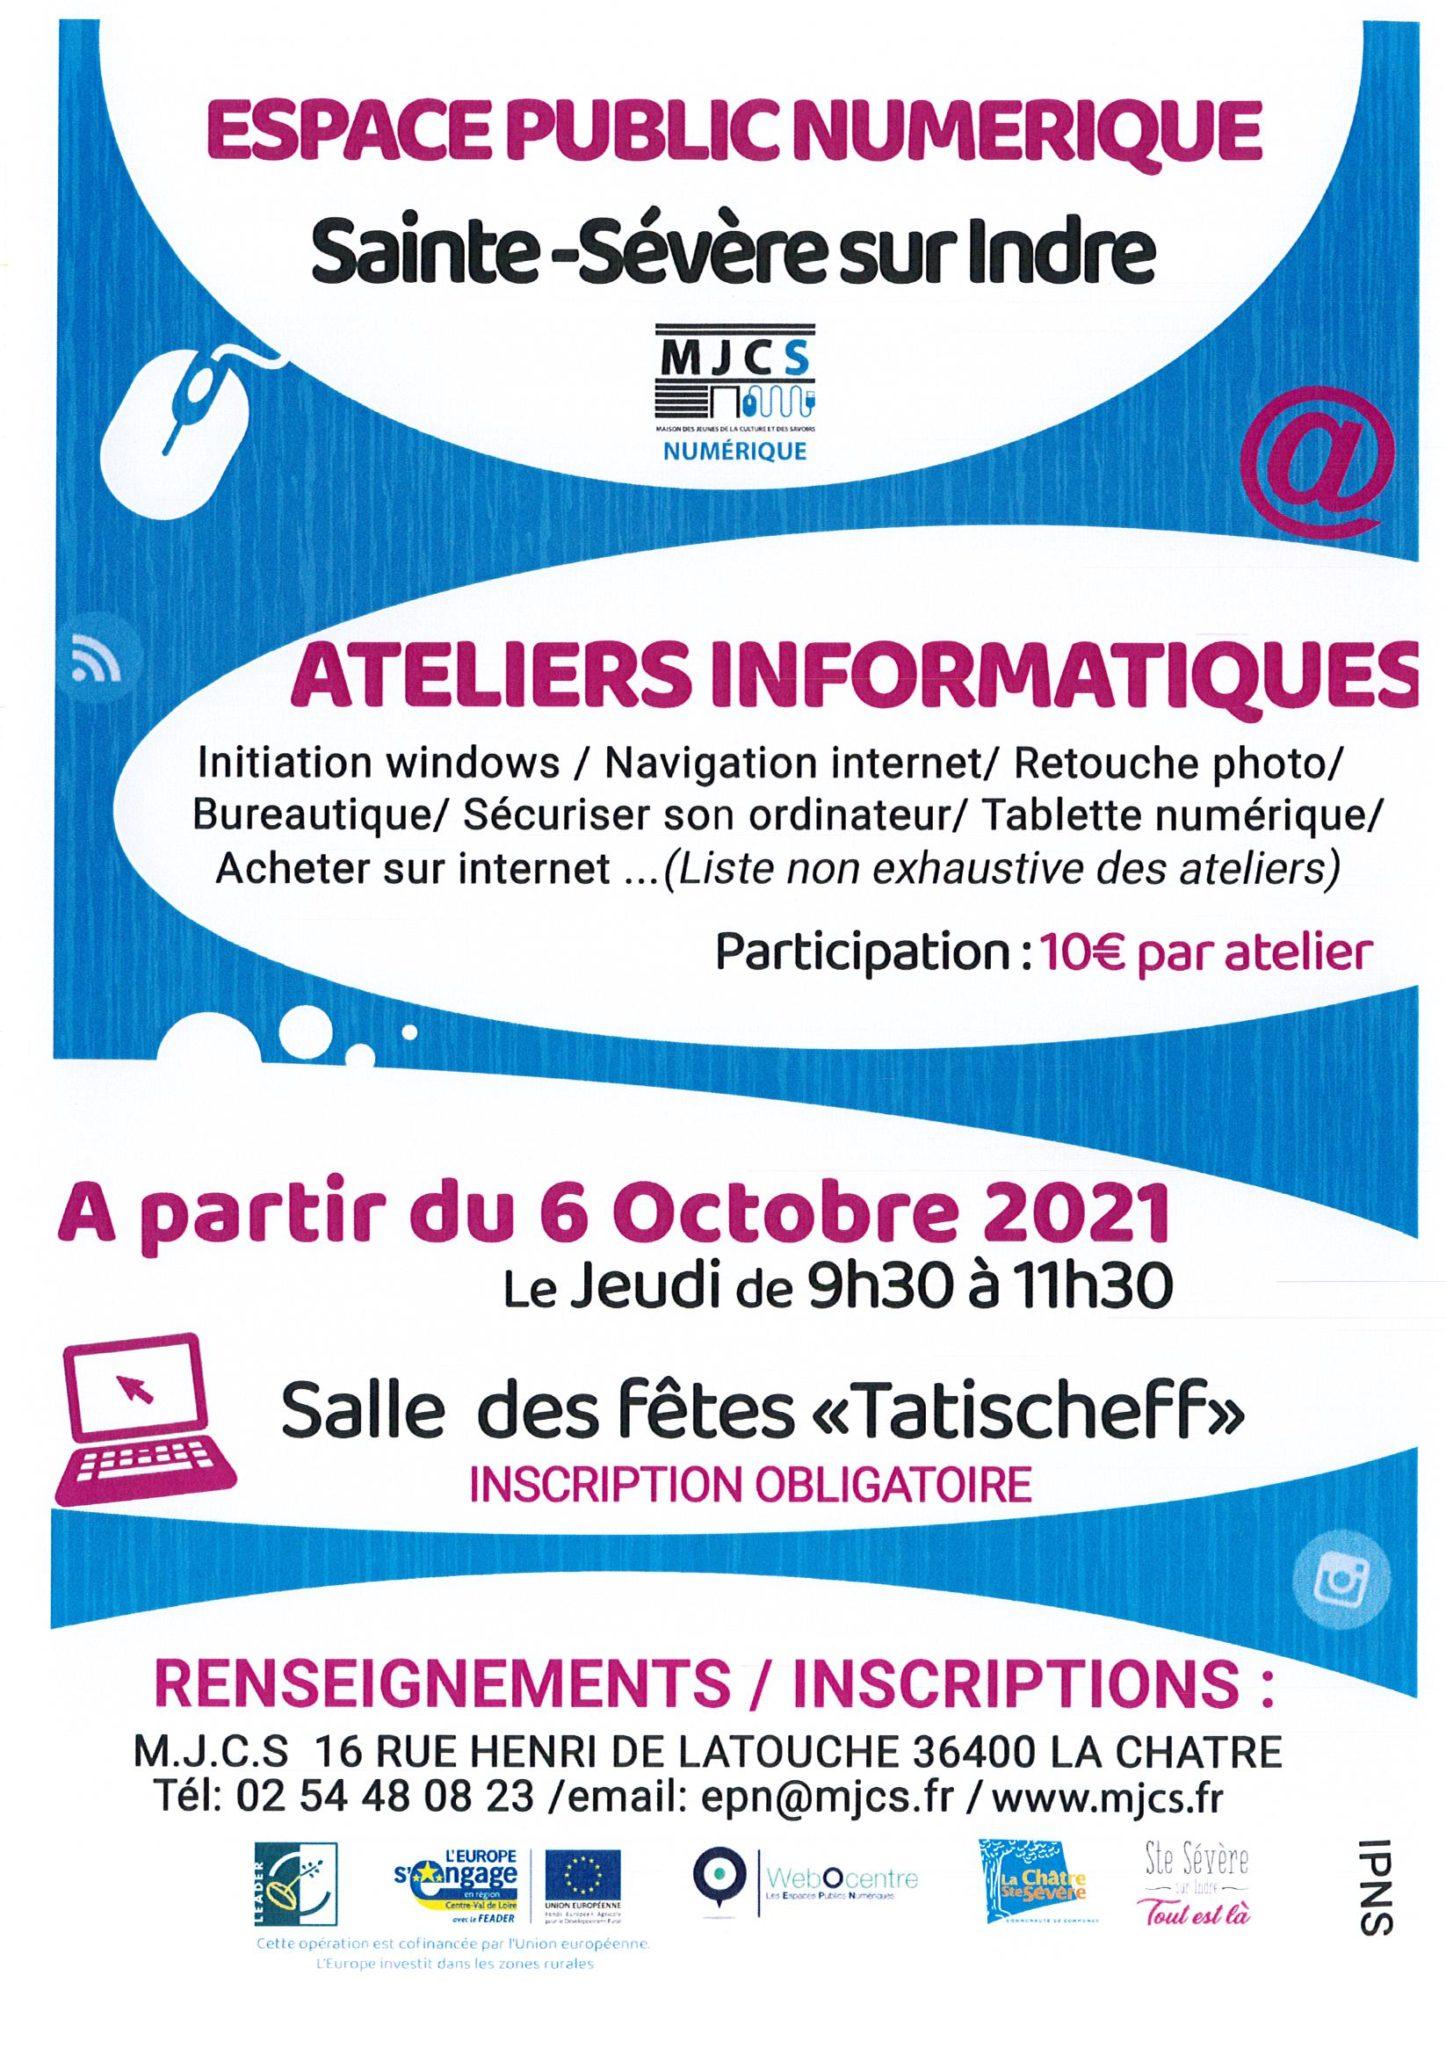 Ateliers informatiques à partir du 6 octobre